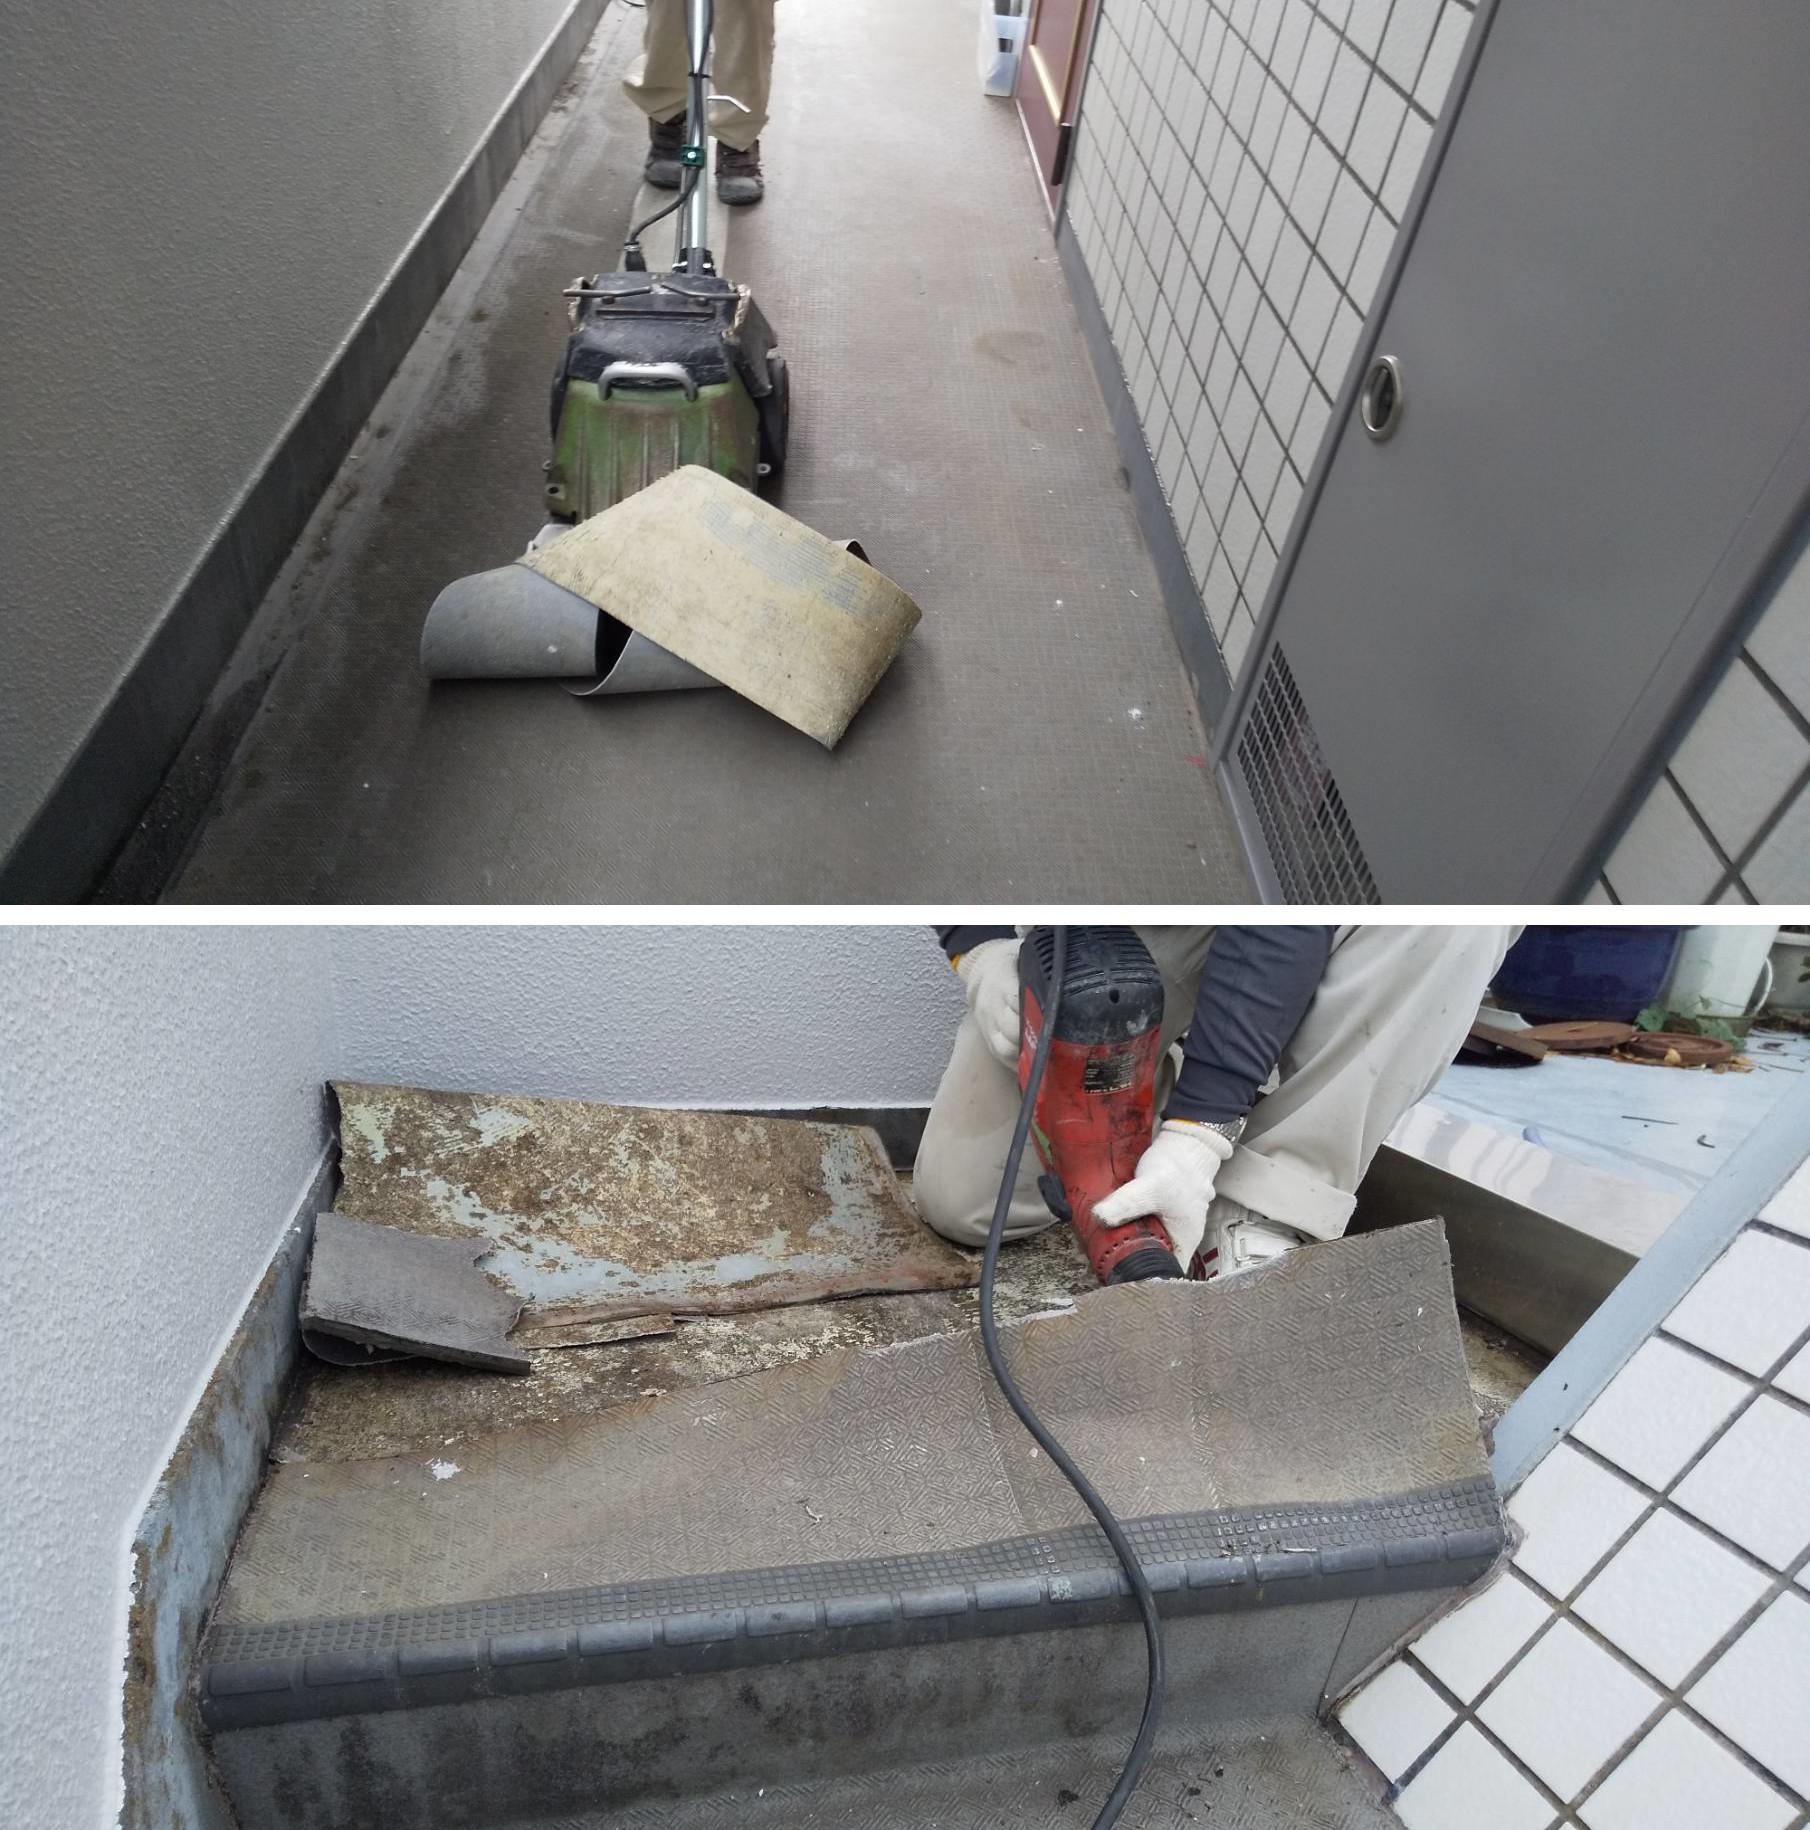 集合住宅の廊下及び階段の長尺シートを撤去する工事。